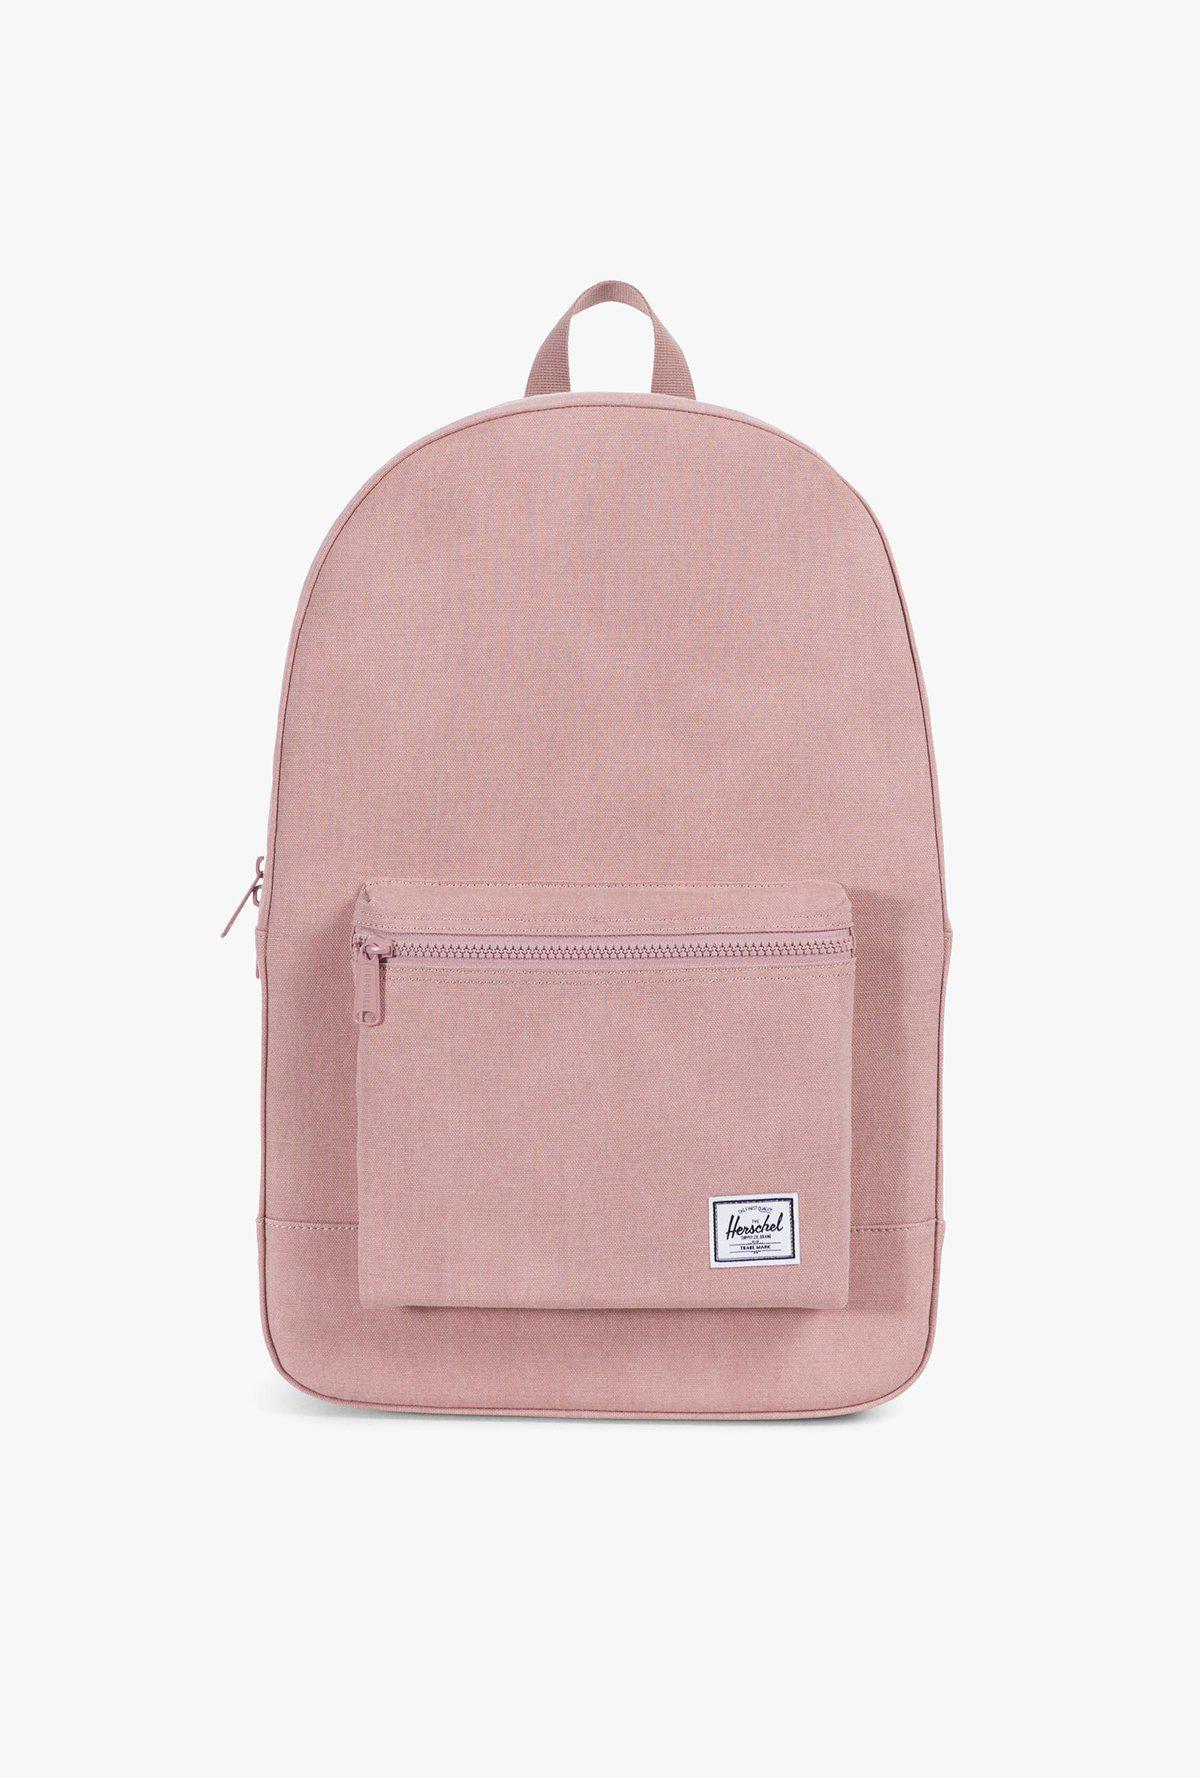 5452c8bdf3f Herschel Supply Co. Canvas Daypack in Pink - Lyst